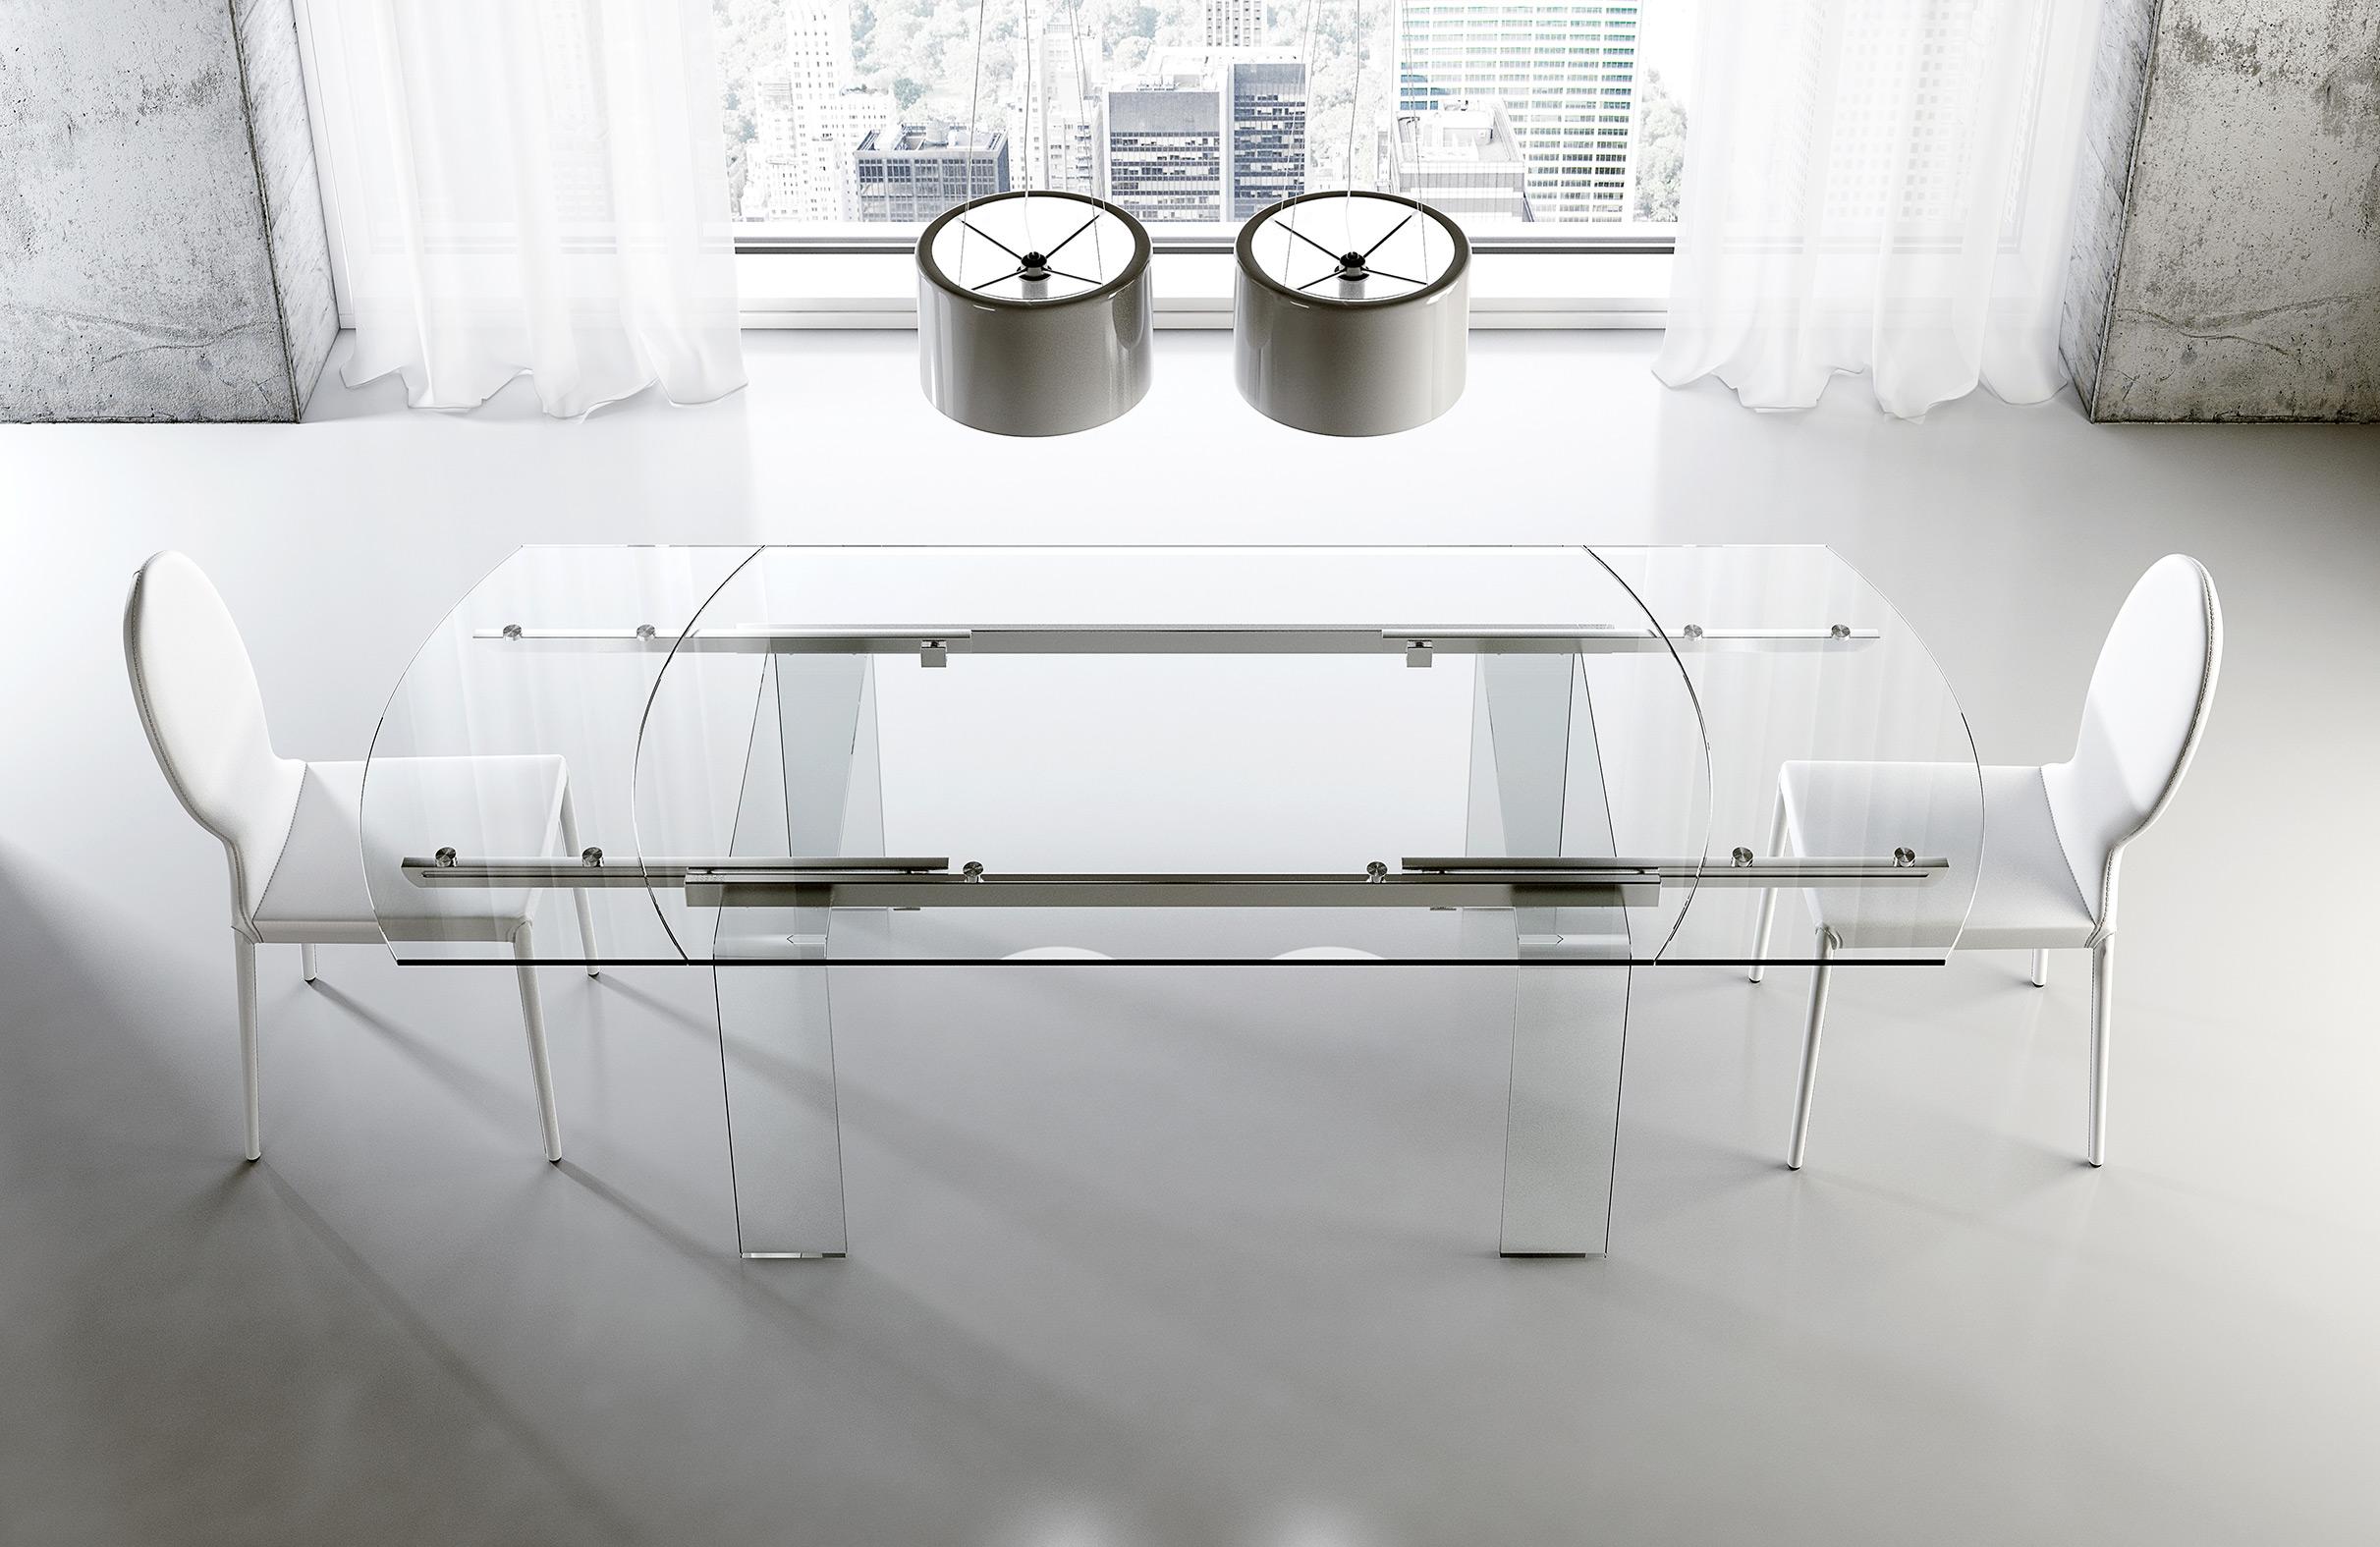 Tavoli di vetro foto 1 livingcorriere - Tavolo riflessi living prezzo ...